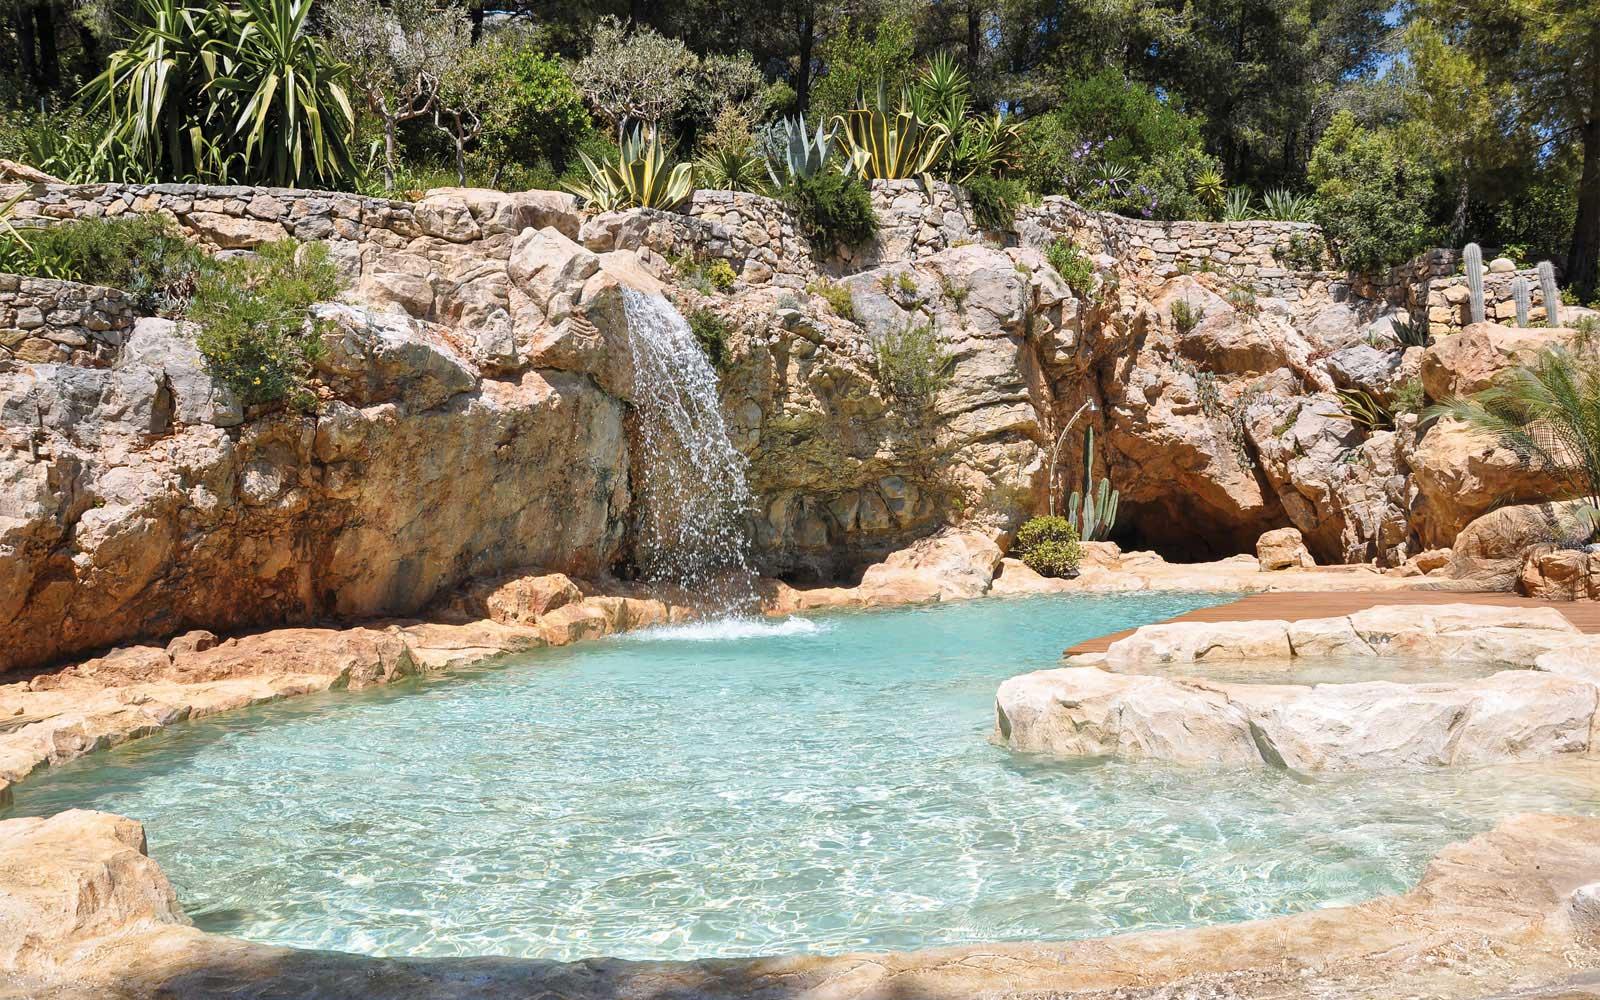 Piscine creus e dans les rochers for Local piscine rocher